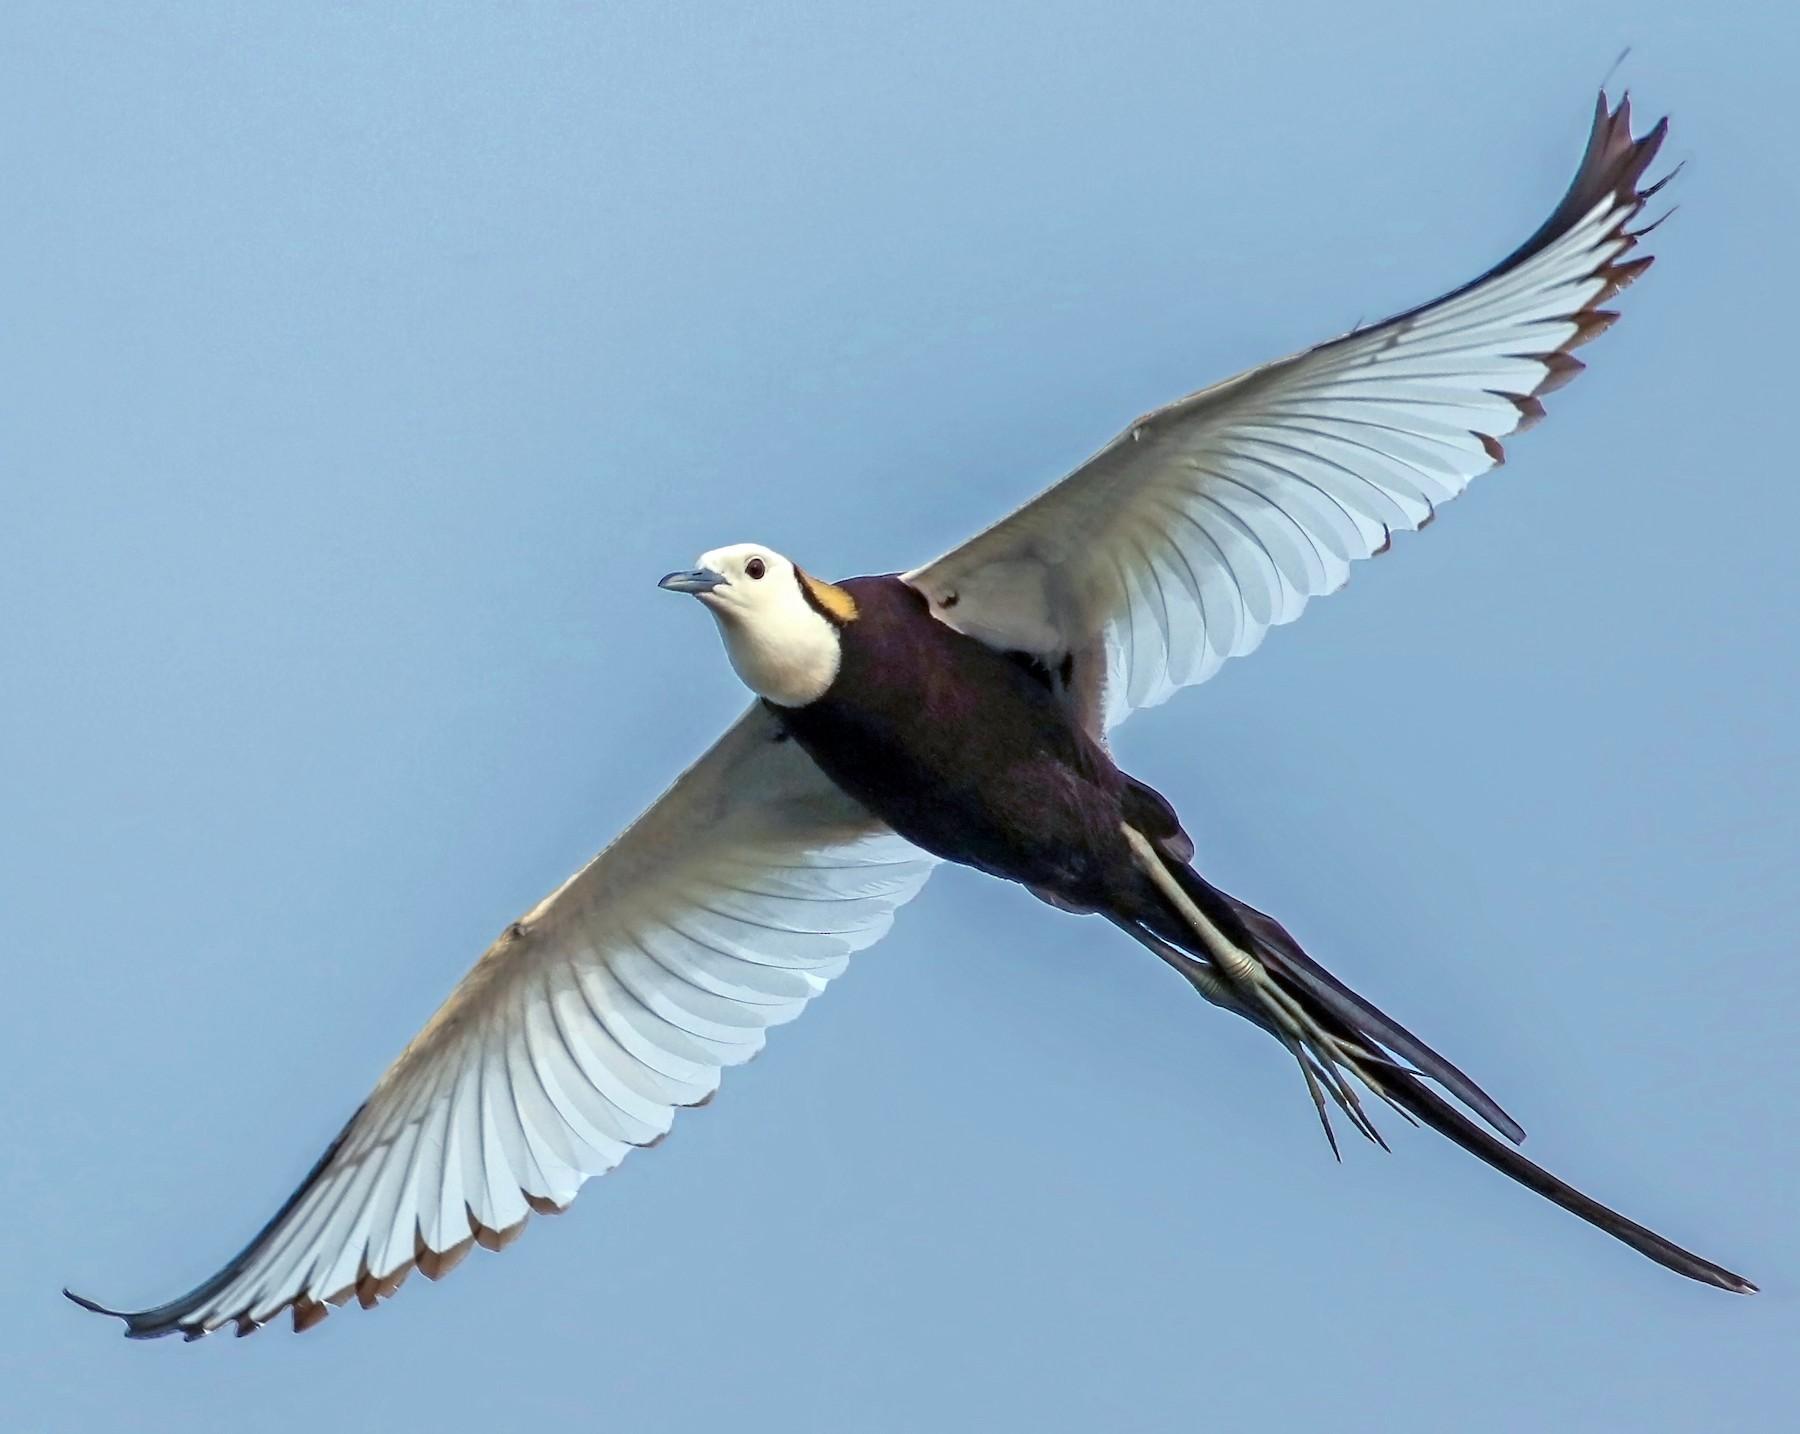 Pheasant-tailed Jacana - Kavi Nanda